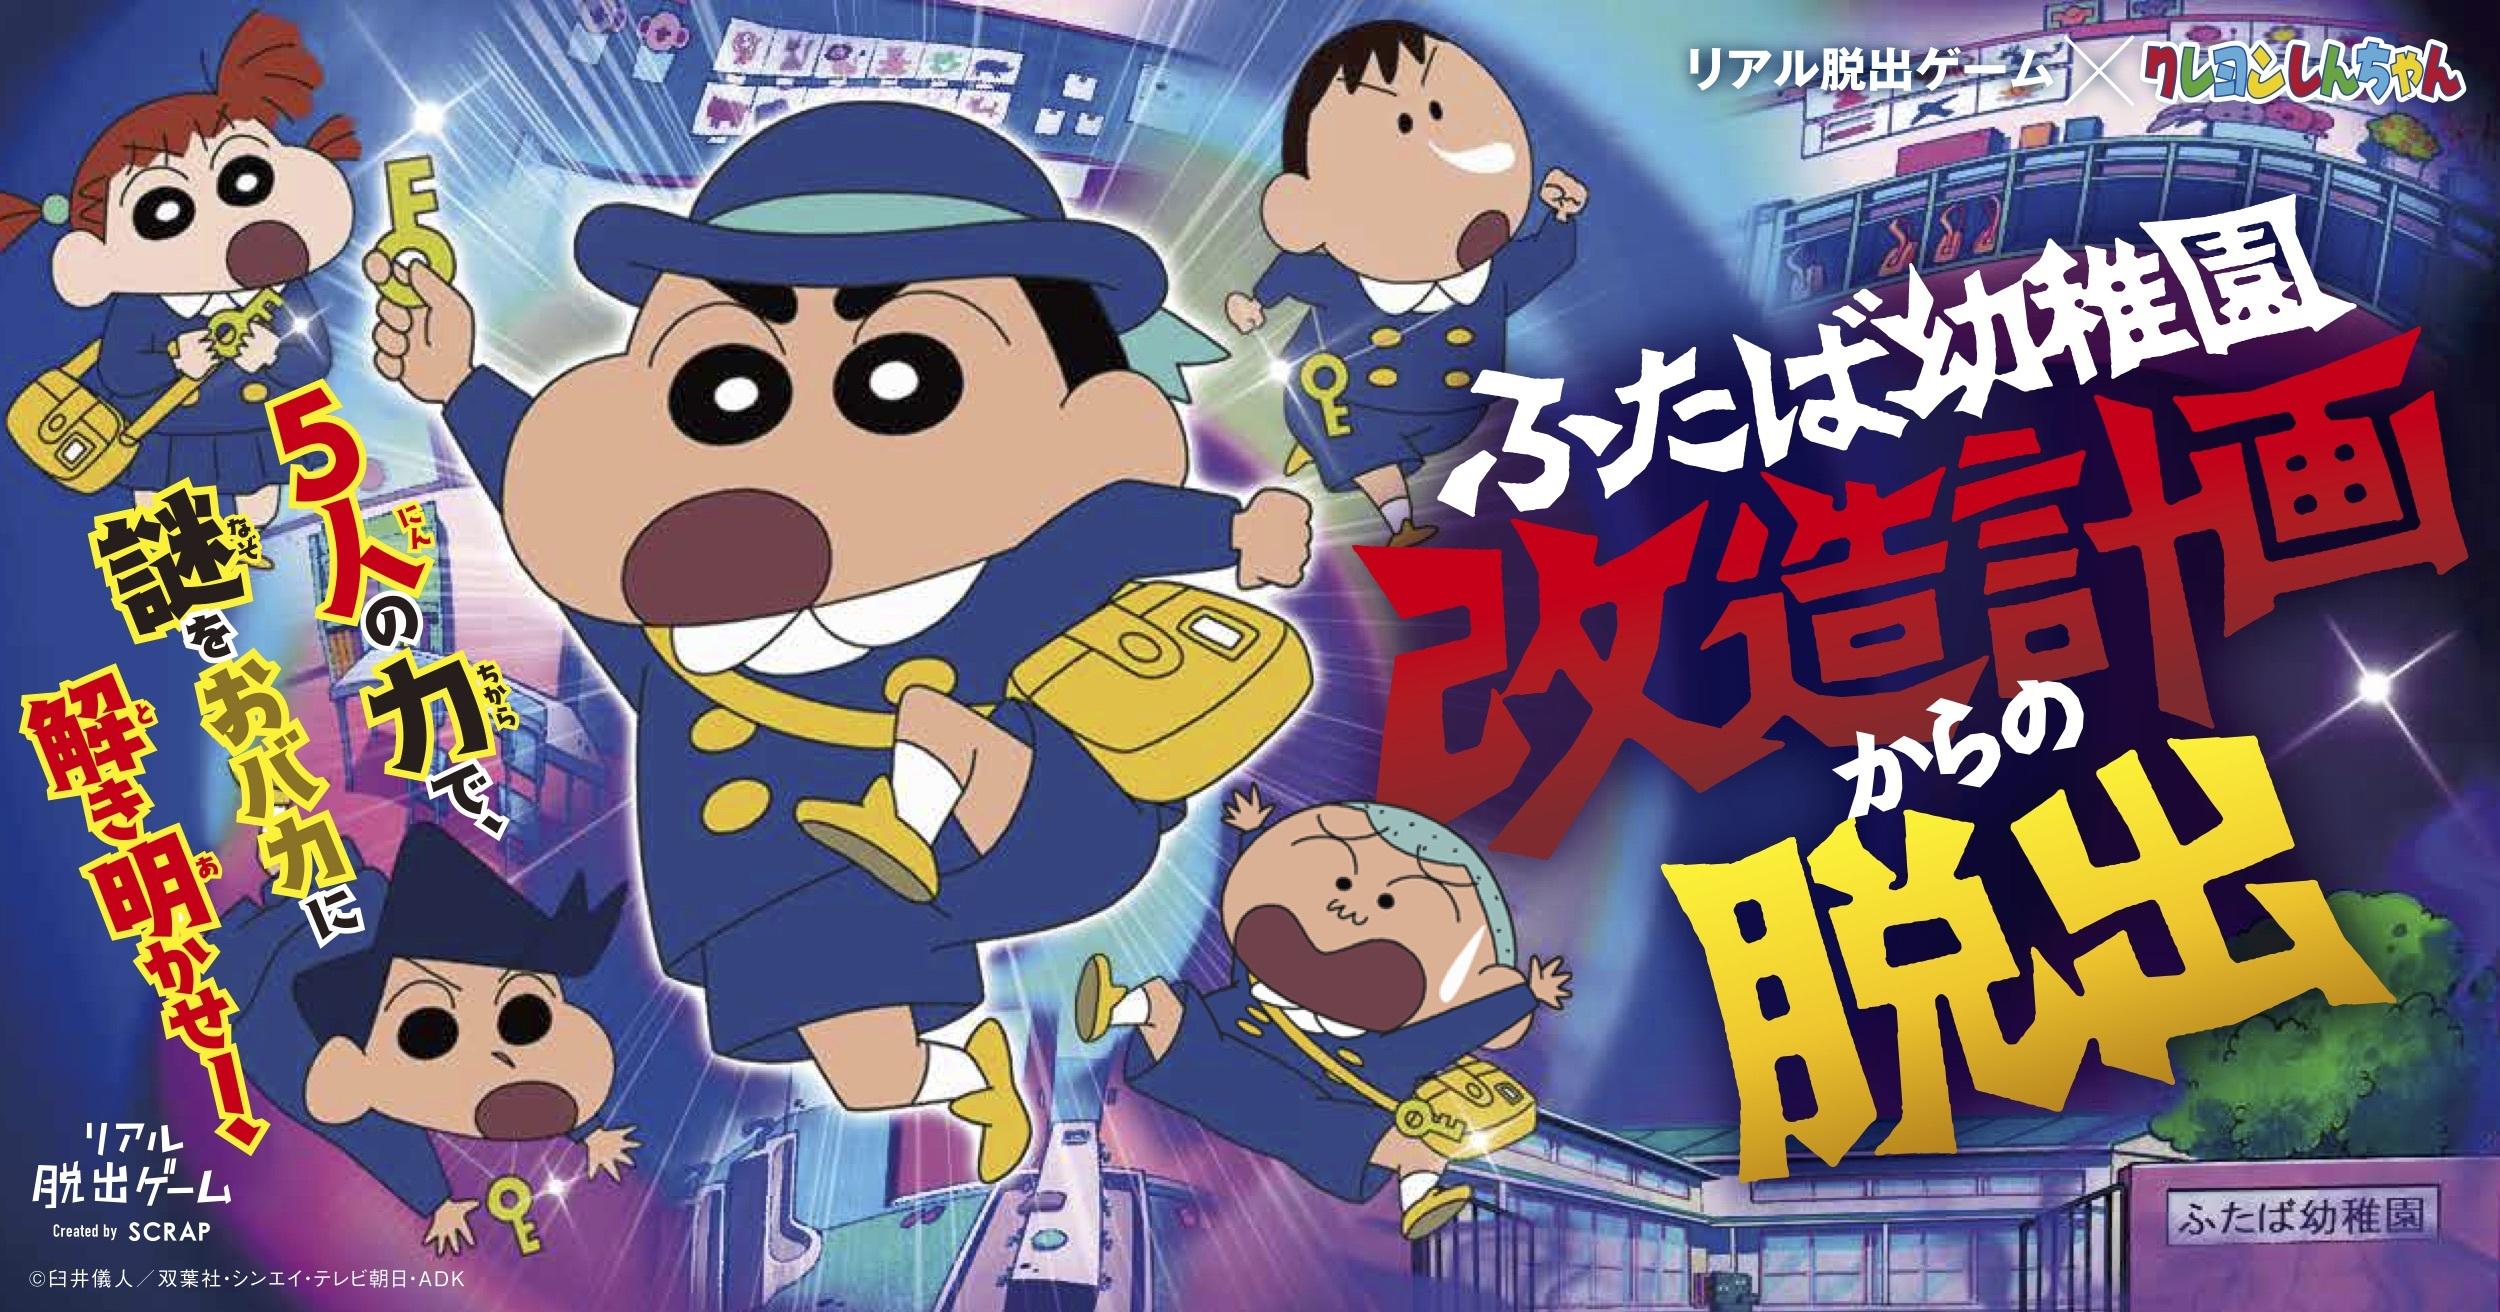 (C)臼井儀人/双葉社・シンエイ・テレビ朝日・ADK (C)SCRAP